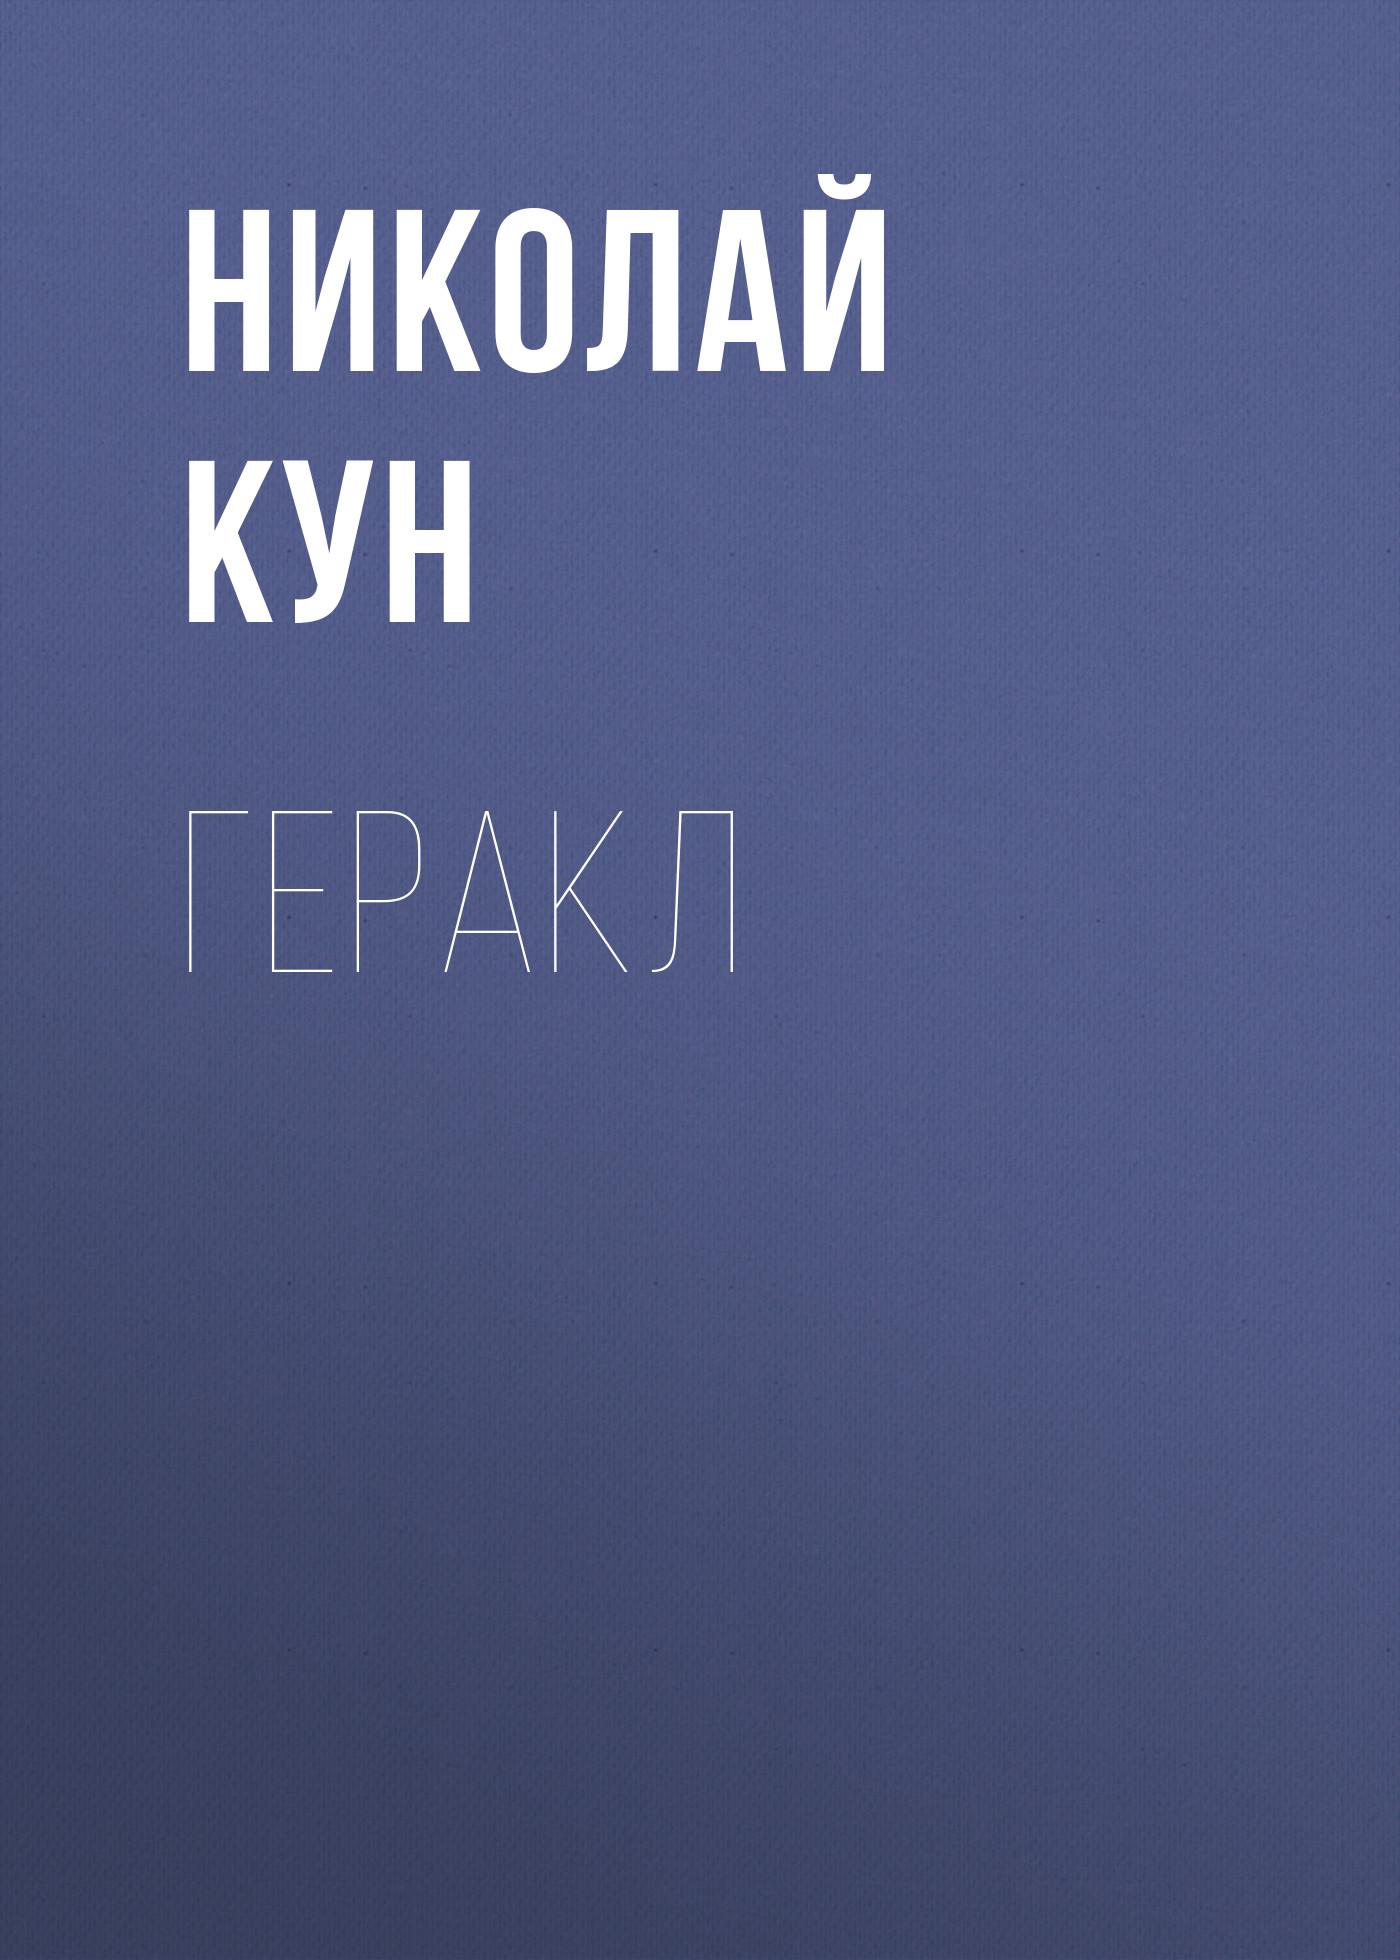 Купить книгу Геракл, автора Николая Куна